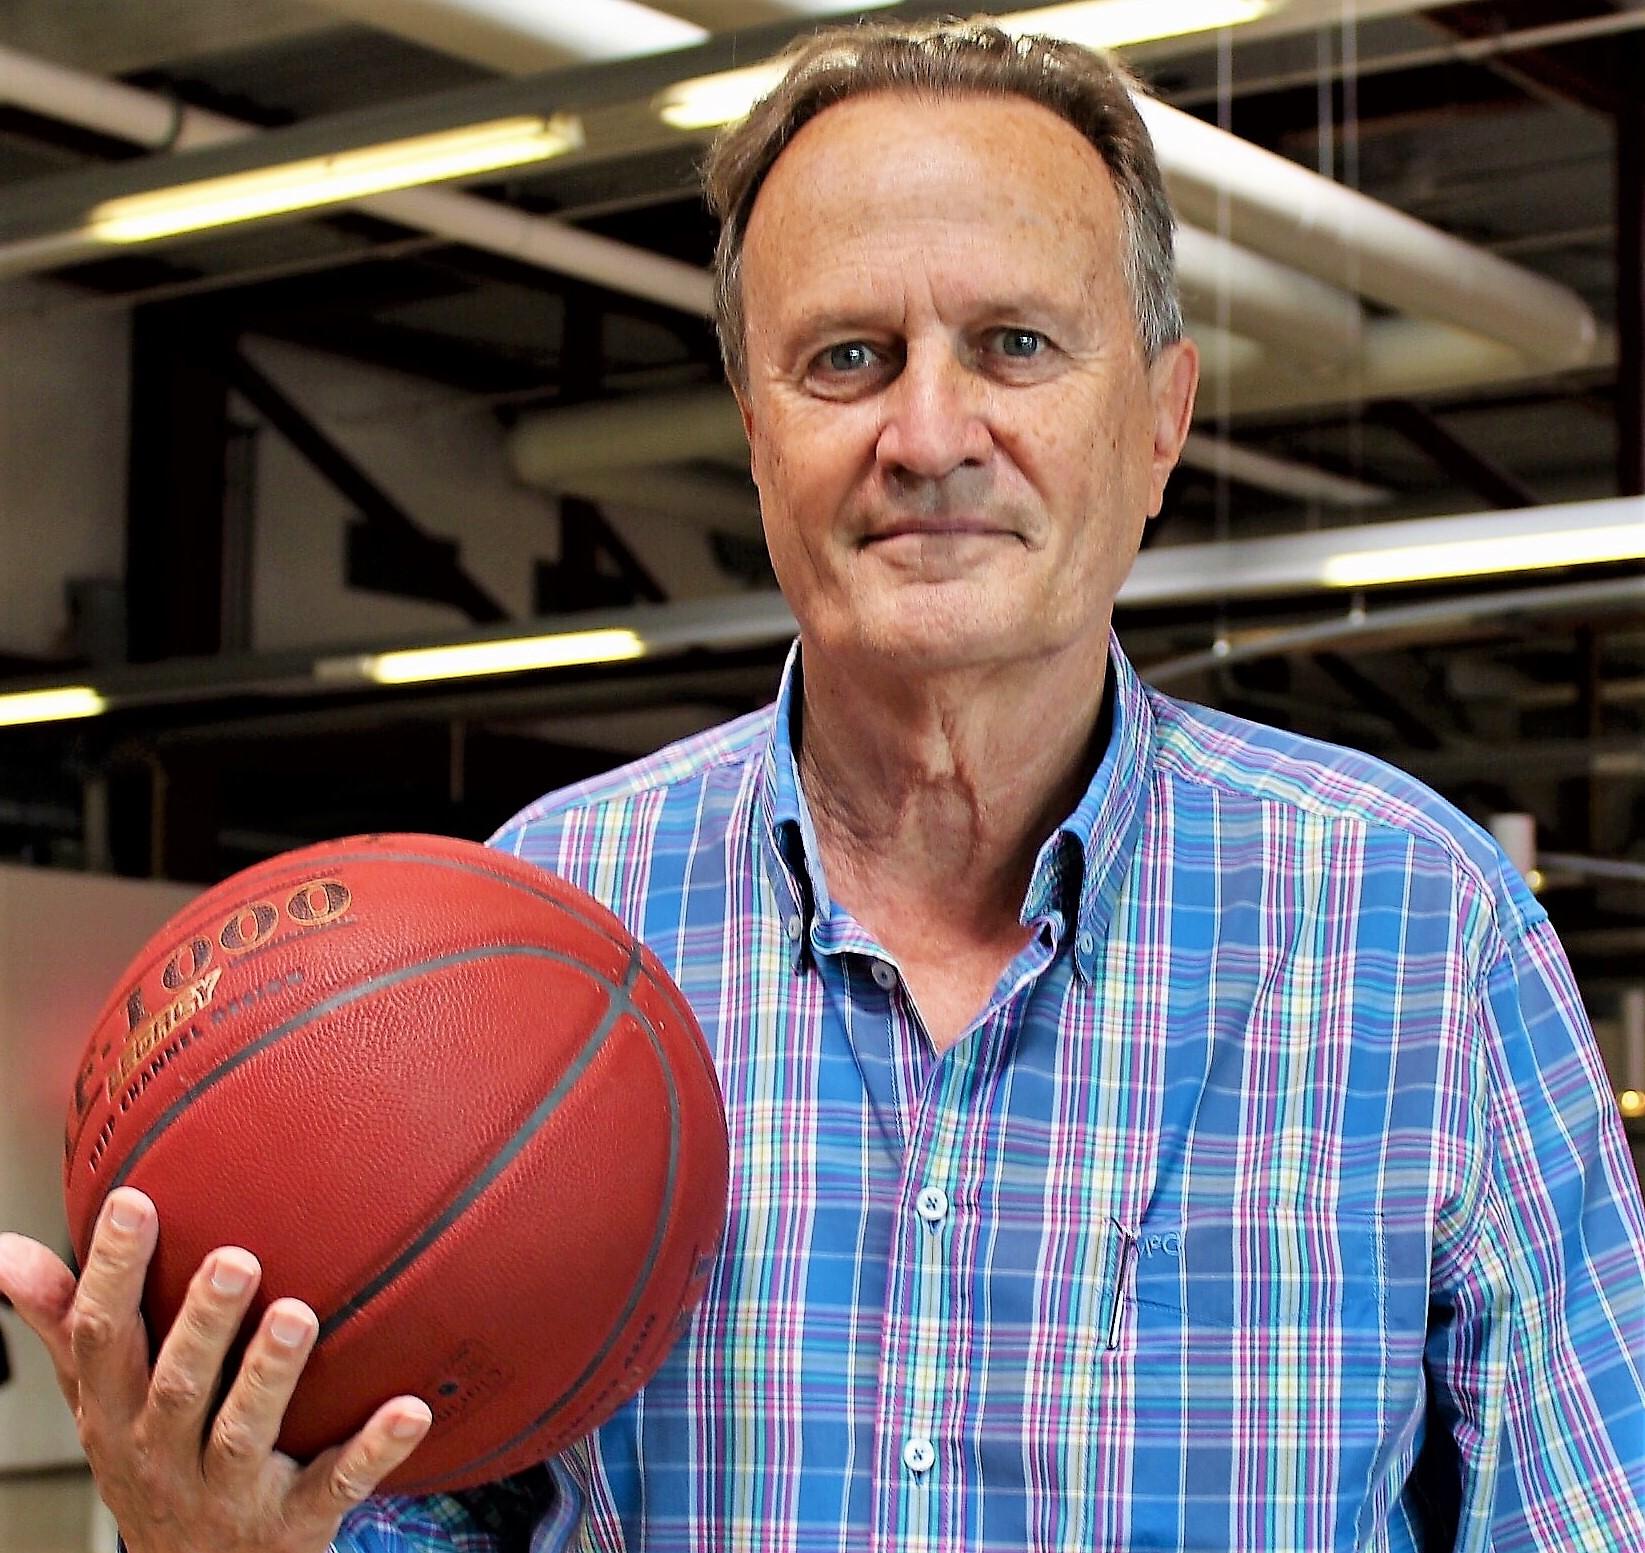 ALBA-Programm geht mit erfolgreichem Trainer- und Betreuerstab in die neue Saison